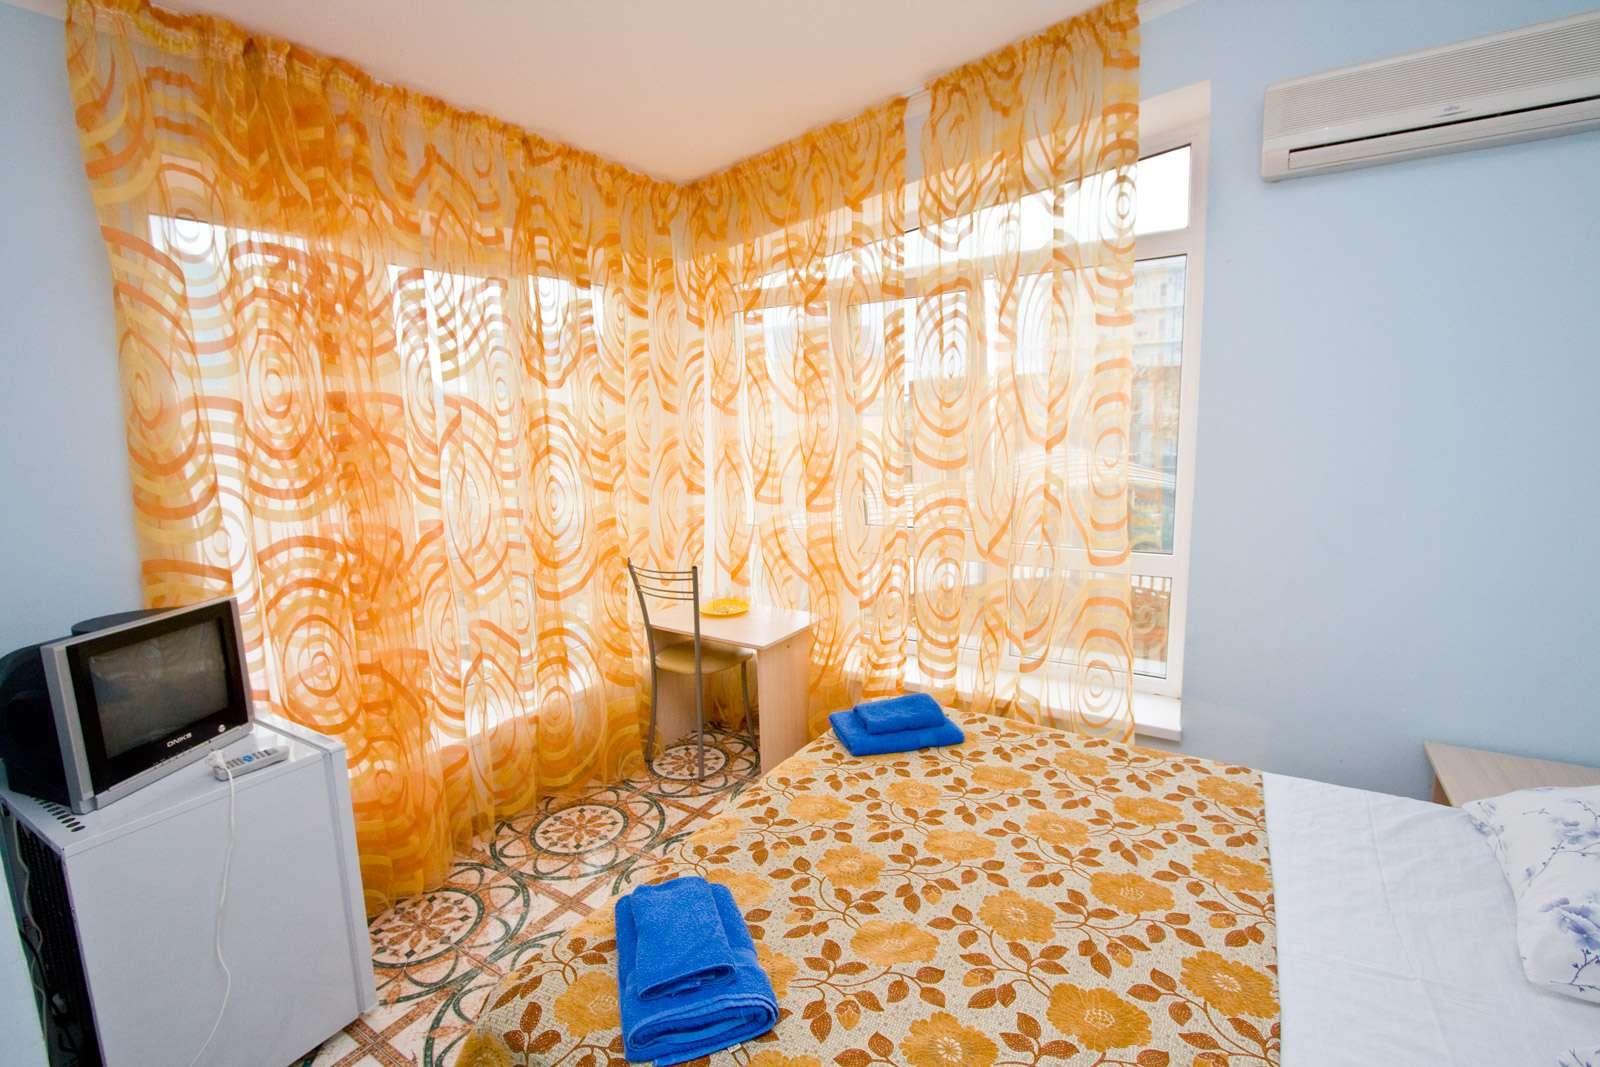 витязево отель южный фото непромокаемого сетчатого материала